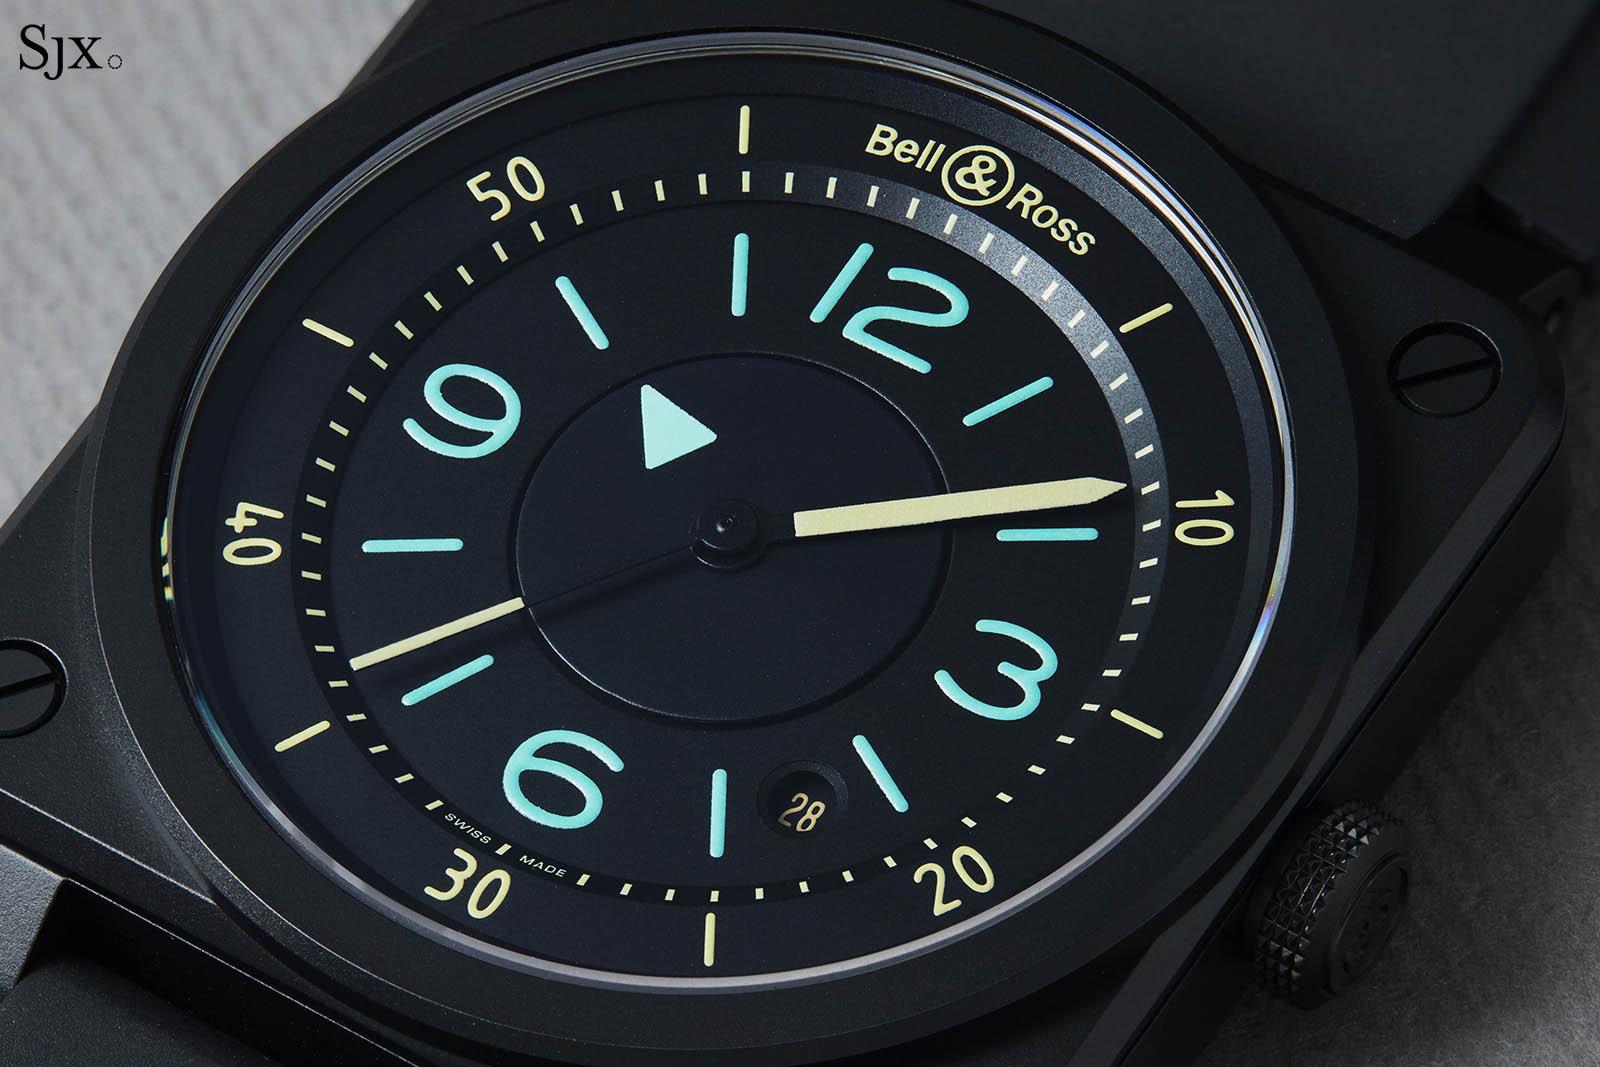 Bell & Ross BR 03-92 Bi-Compass 4